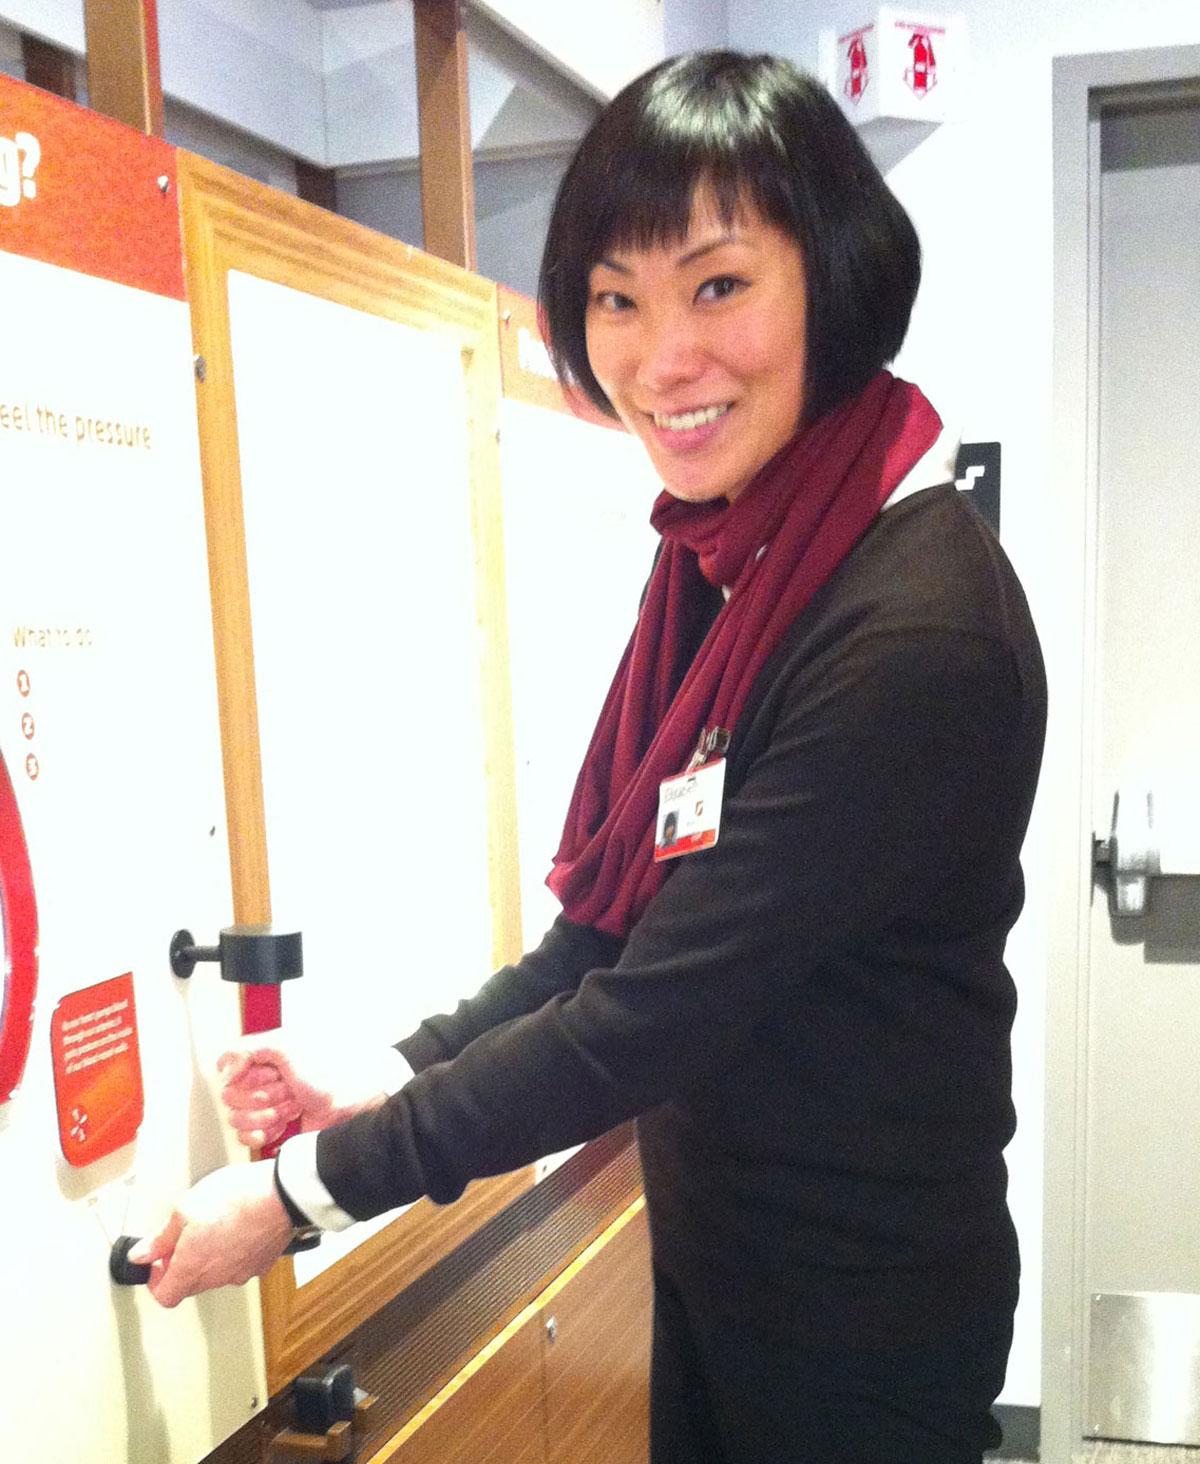 Exhibit Manager Elizabeth Kong at Hypertension Station